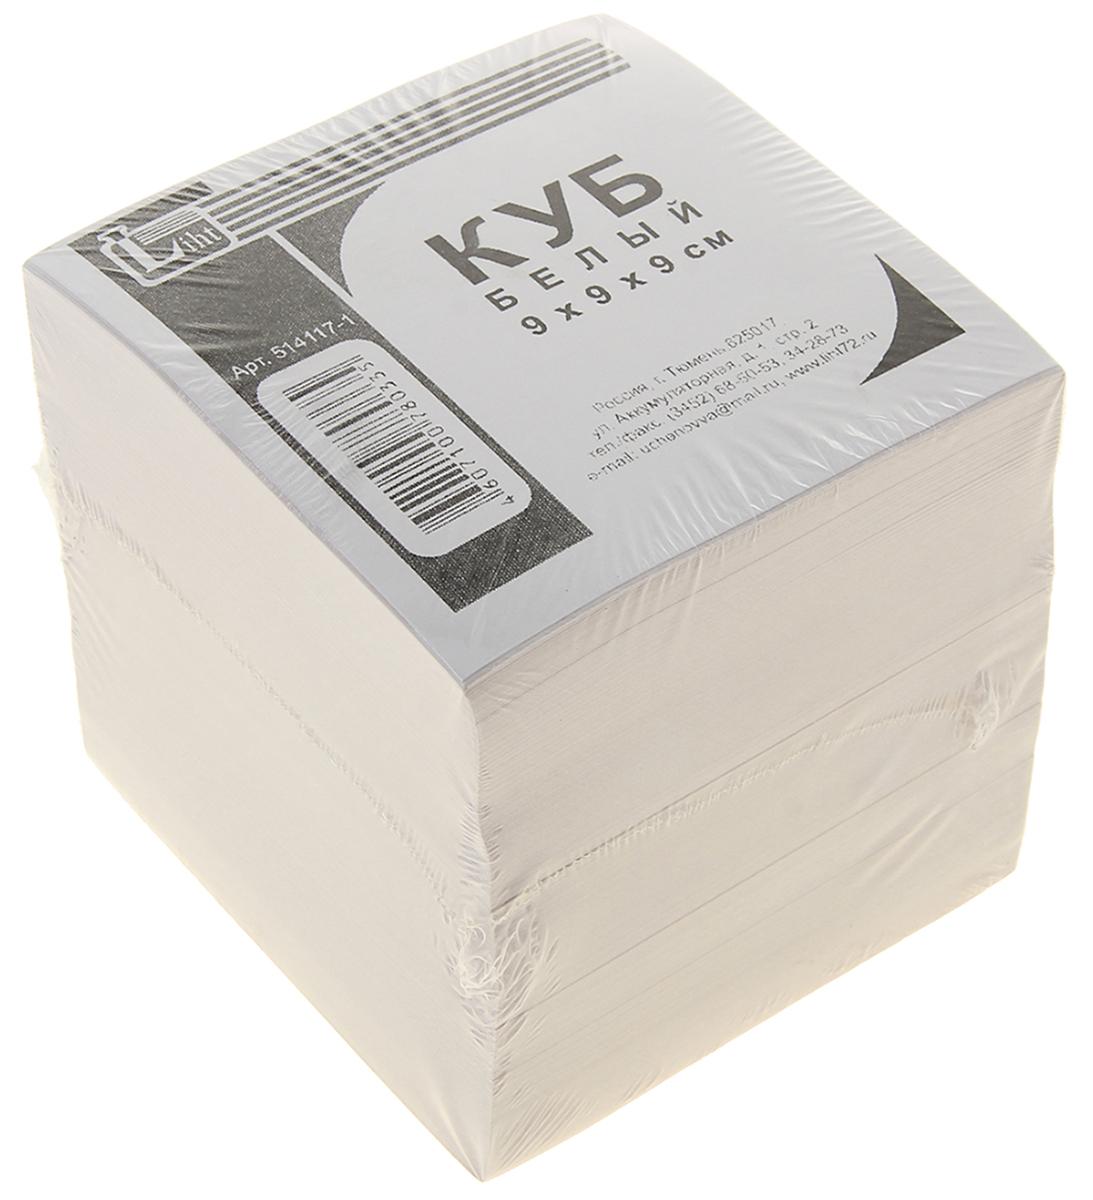 Licht Блок для записей 9 x 9 см1052254Невозможно представить нашу жизнь без праздников! Мы всегда ждем их и предвкушаем, обдумываем, как проведем памятный день, тщательно выбираем подарки и аксессуары, ведь именно они создают и поддерживают торжественный настрой. Блок бумаги для записи 9х9х9см, Белый, белизна 90% — это отличный выбор, который привнесет атмосферу праздника в ваш дом!Часто появляется необходимость оставить небольшое послание коллеге, сделать пометку для родных или запомнить нужный телефон?Чтобы зафиксировать важную информацию, достаточно иметь при себе неброский, но необходимый в быту предмет — Блок бумаги для записи 9х9х9см, Белый, белизна 90%. Этот канцелярский аксессуар займет минимум места в сумке или на рабочем столе.